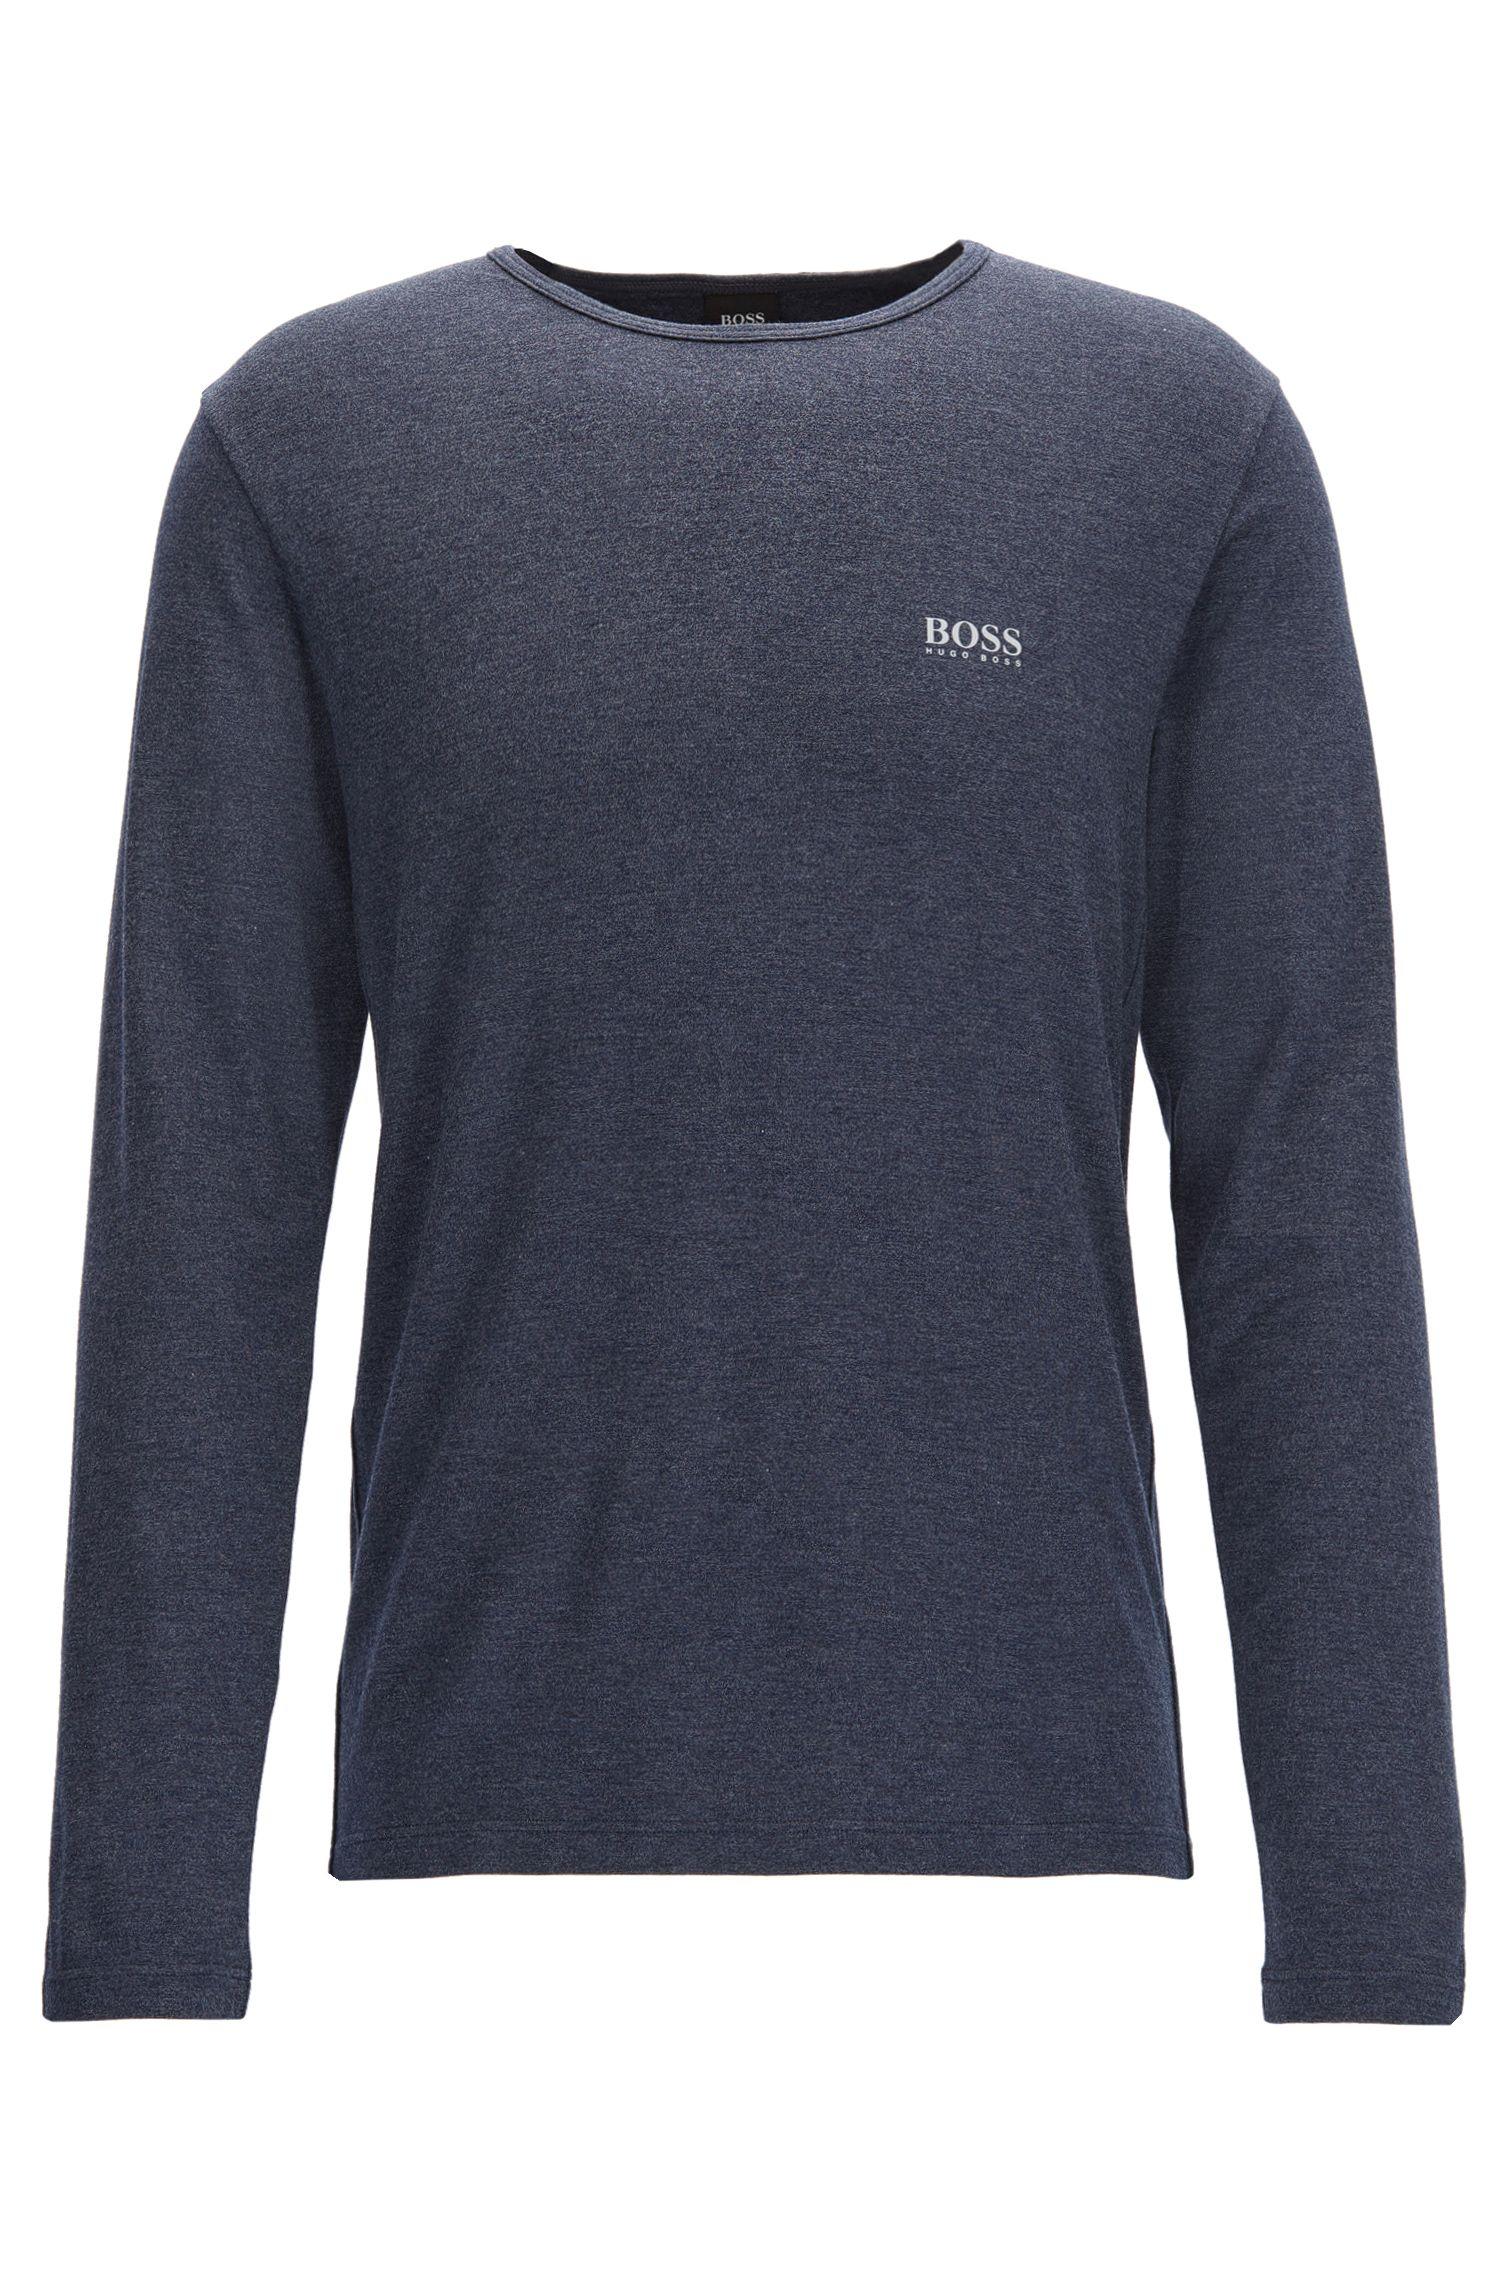 Stretch Thermal Long Sleeve T-Shirt | LS Shirt RN Thermal, Dark Blue